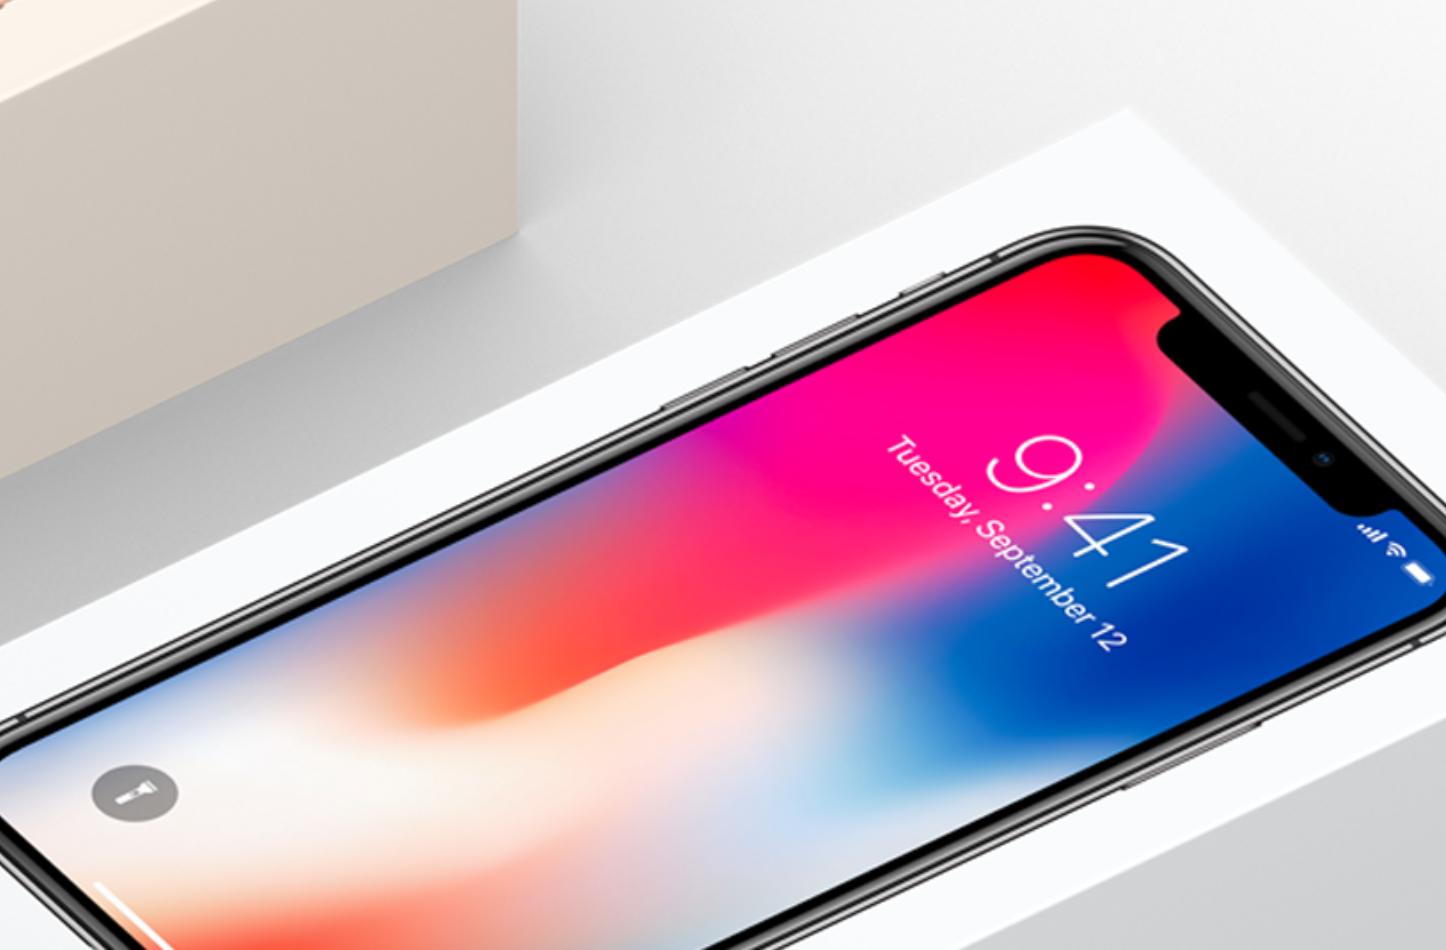 iphone-x-package-2.jpg